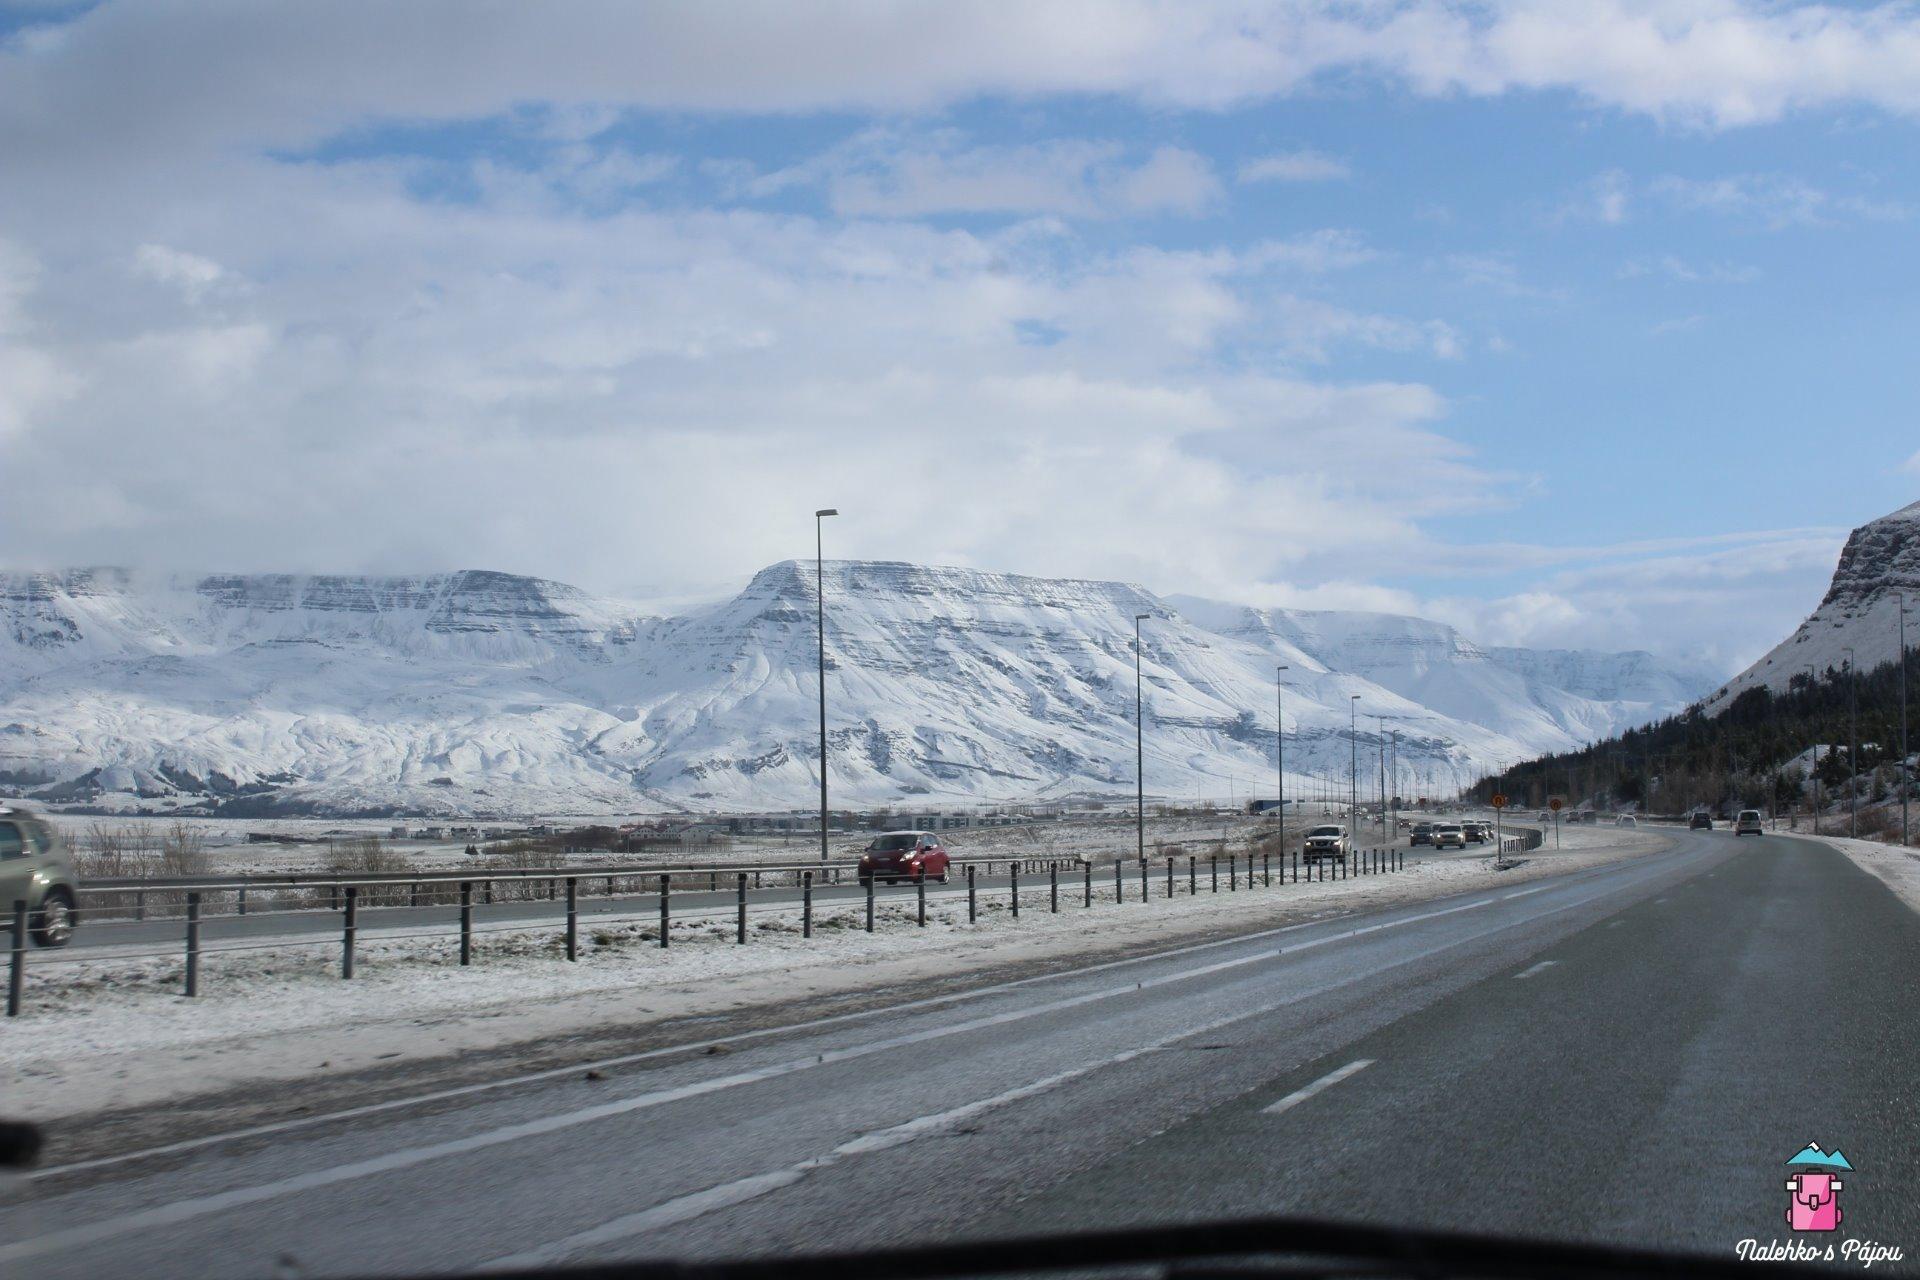 Výjezd z Rejkjavíku, kde ještě večer před tím nebyla ani vločka